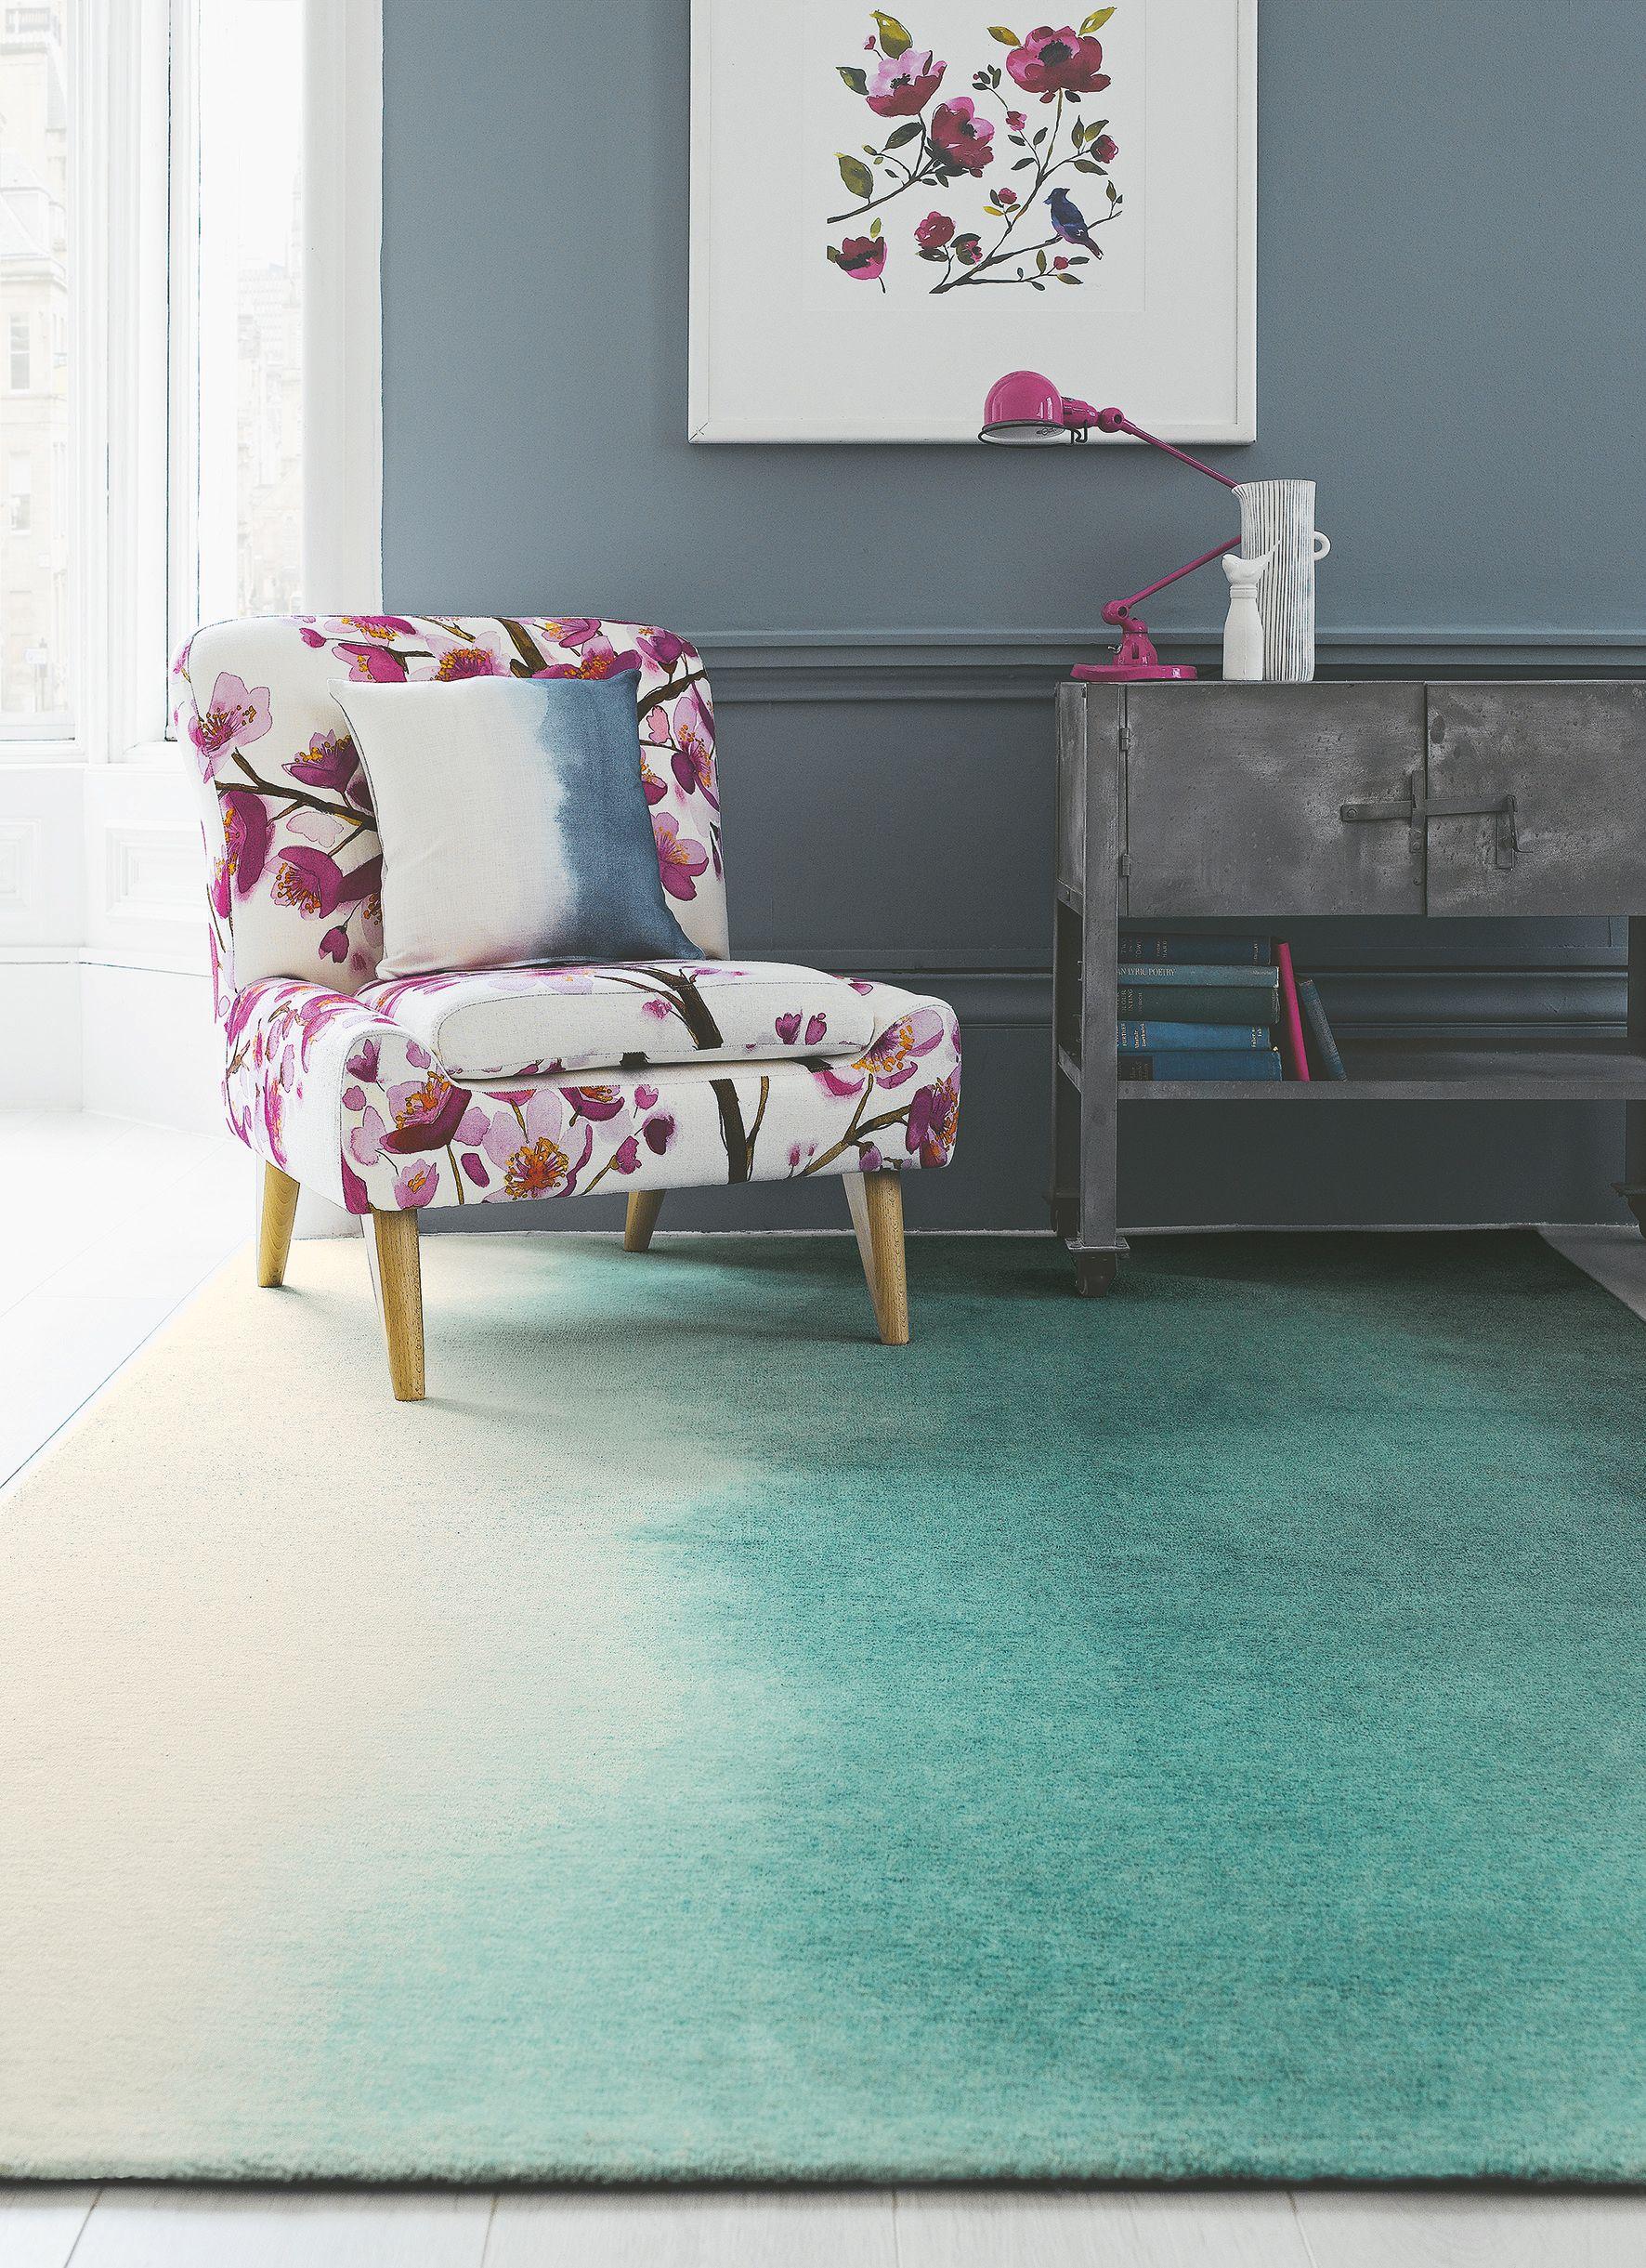 Wandfarben Und Teppich Sorgen Für Eine Kühle Stimmung, Der Sessel Mit Einem  Überzug Von Bluebellgray Hält Dagegen